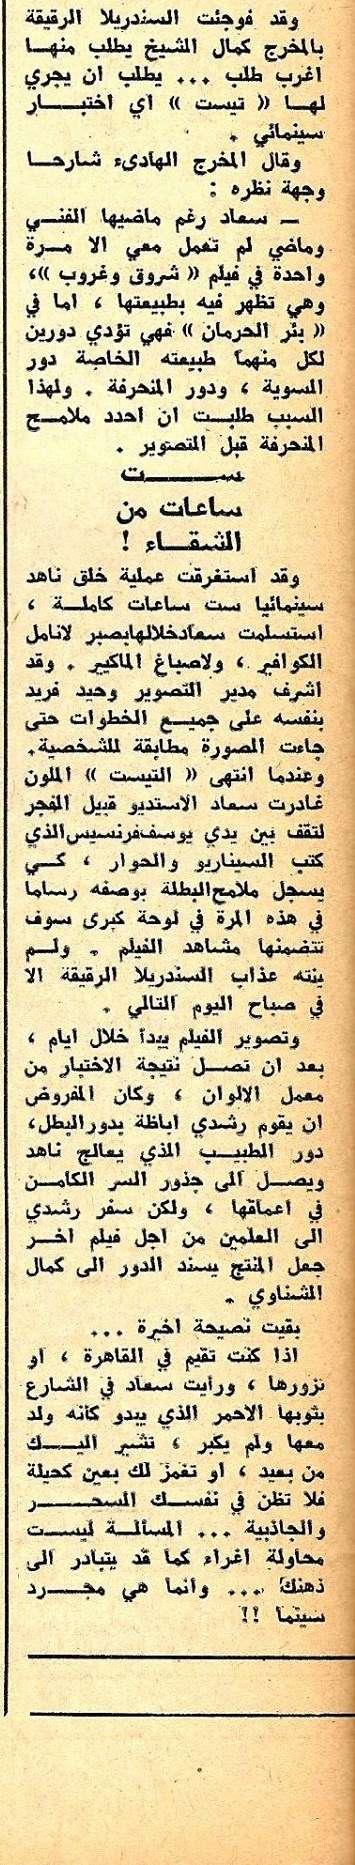 مقال - مقال صحفي : سعاد حسني تصطاد الحب من الشارع 1969 م 412